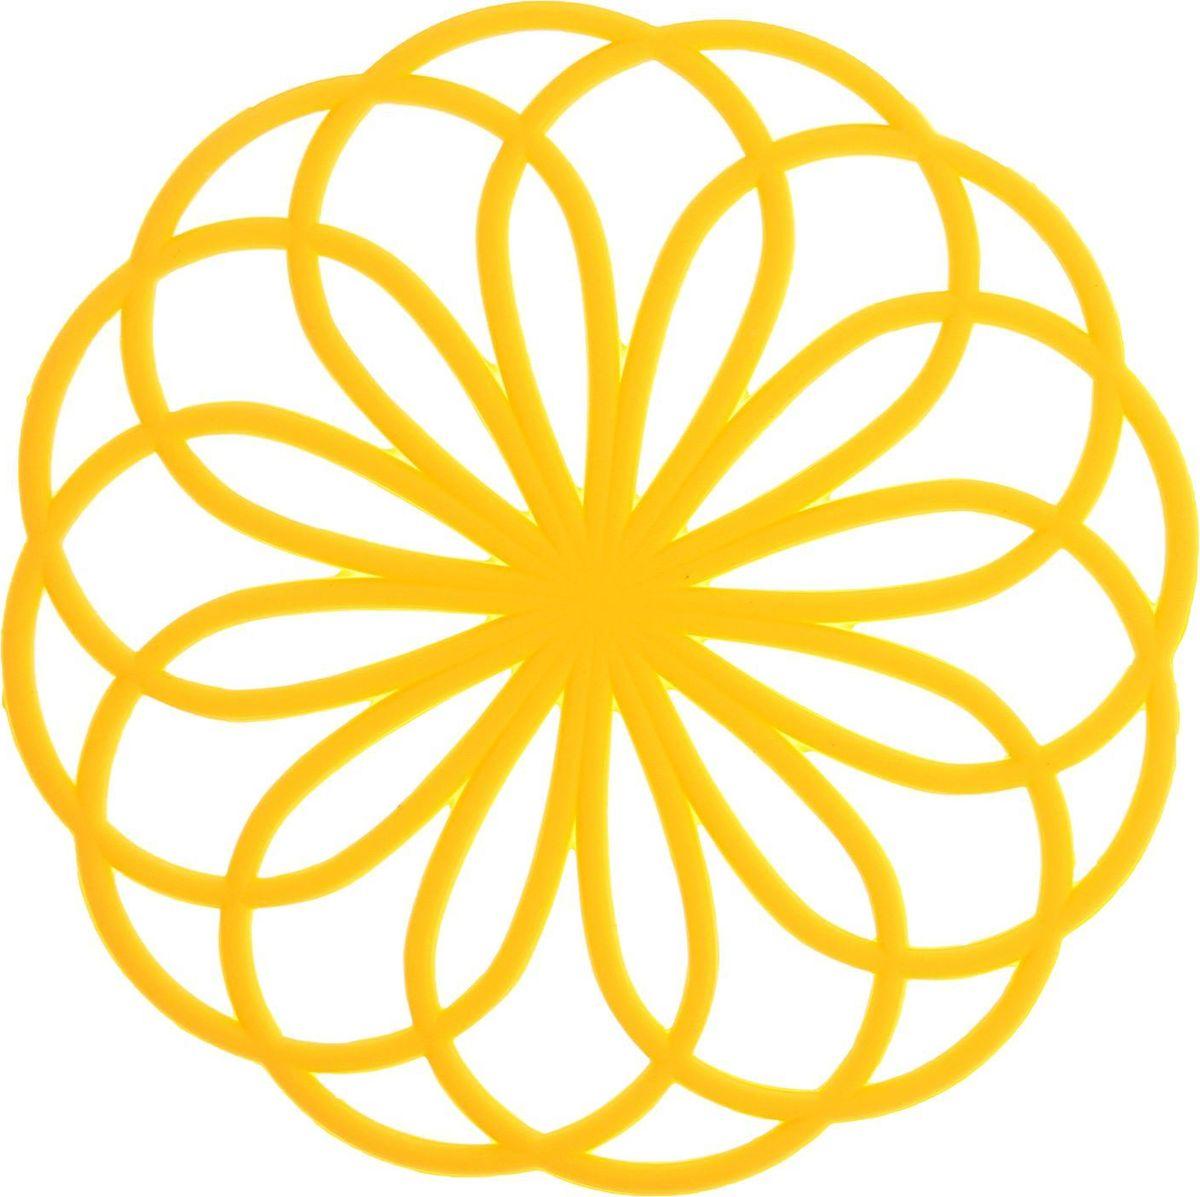 Подставка под горячее Доляна Спирограф, цвет: желтый, 20 см1687501Силиконовая подставка под горячее Доляна Спирограф — практичный предмет, который обязательно пригодится в хозяйстве. Изделие поможет сберечь столы, тумбы, скатерти и клеёнки от повреждения нагретыми сковородами, кастрюлями, чайниками и тарелками. Размер: 20 см.